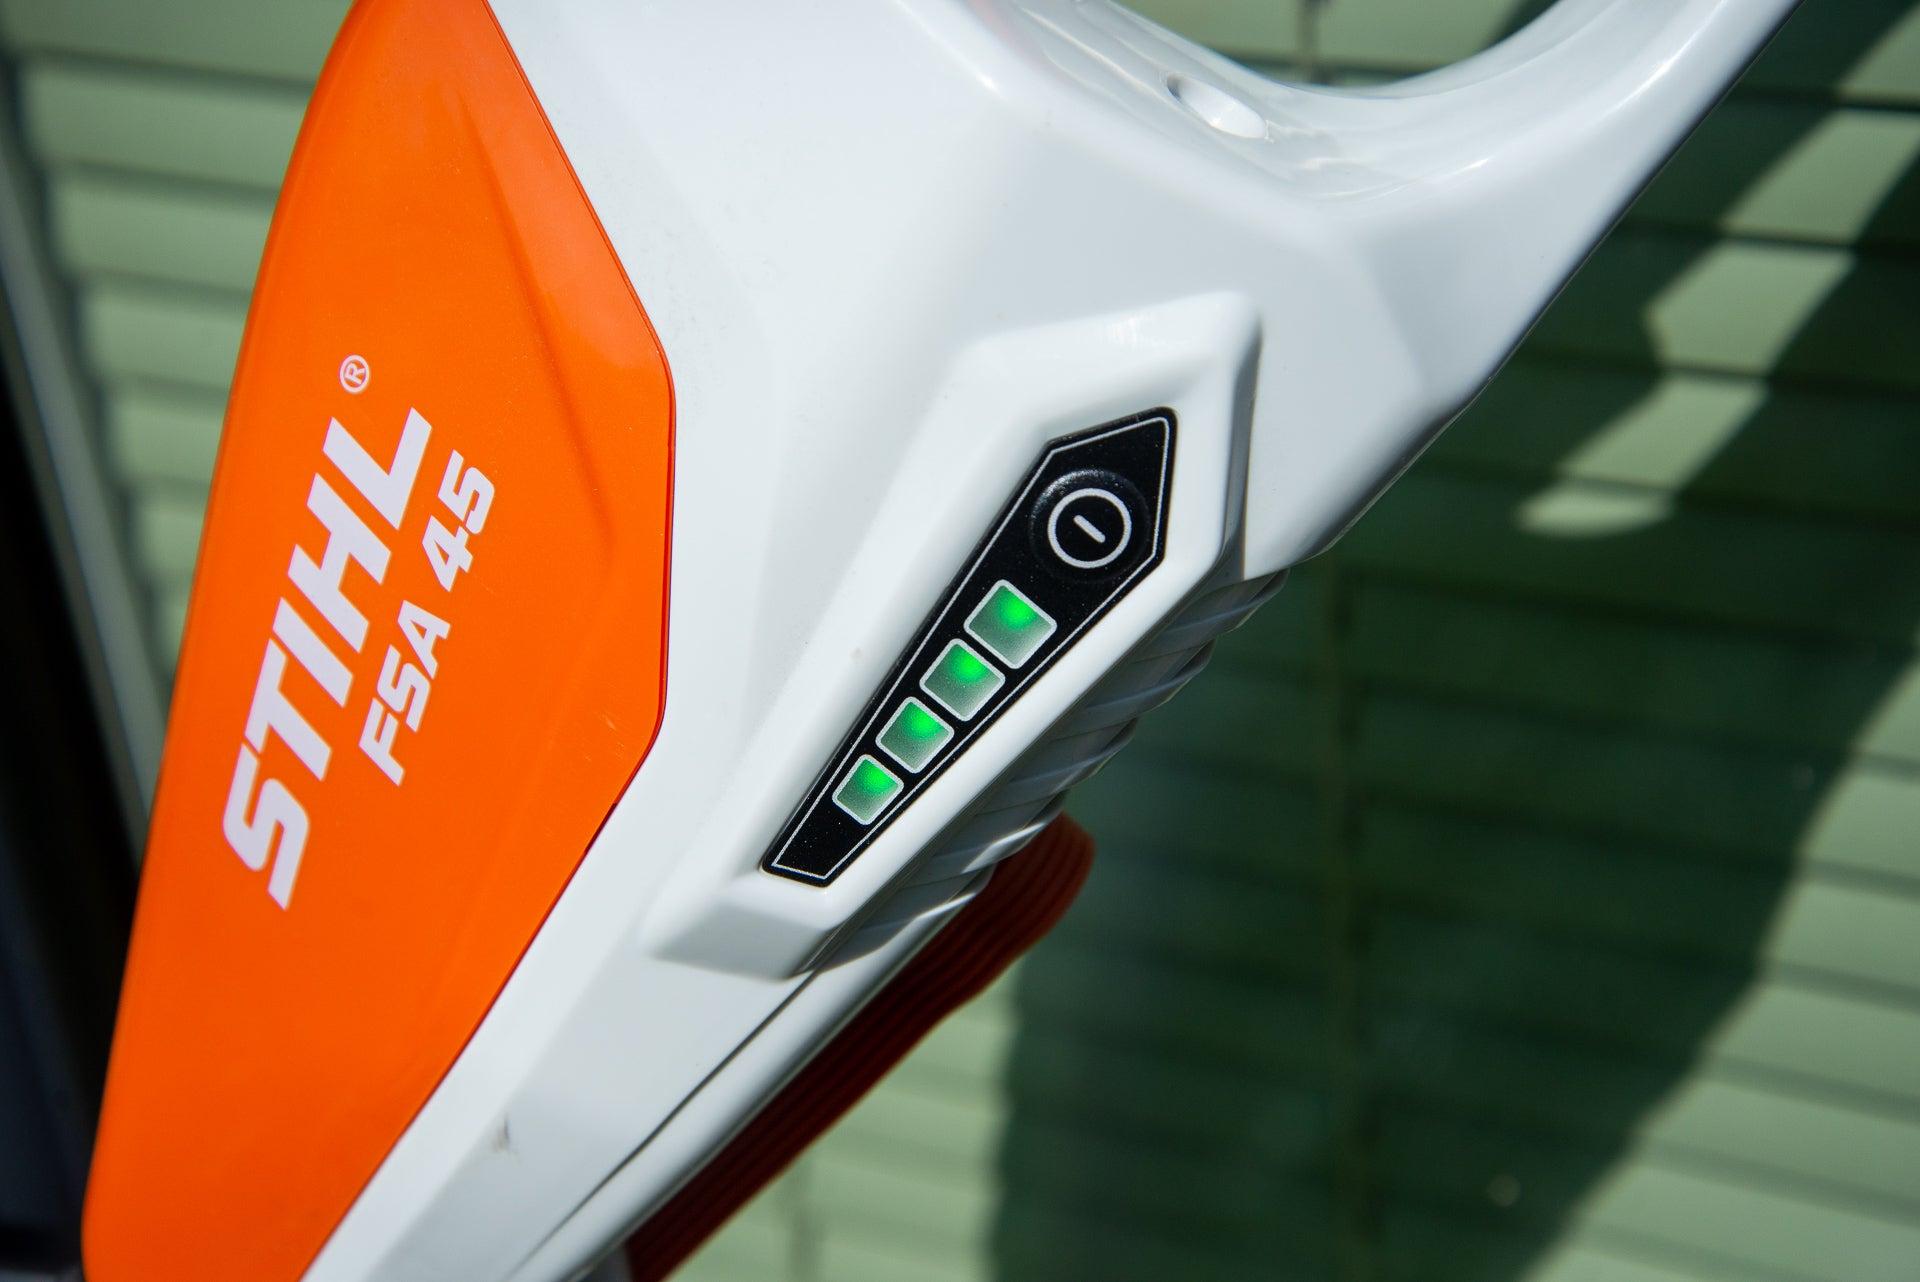 Stihl FSA 45 charge status